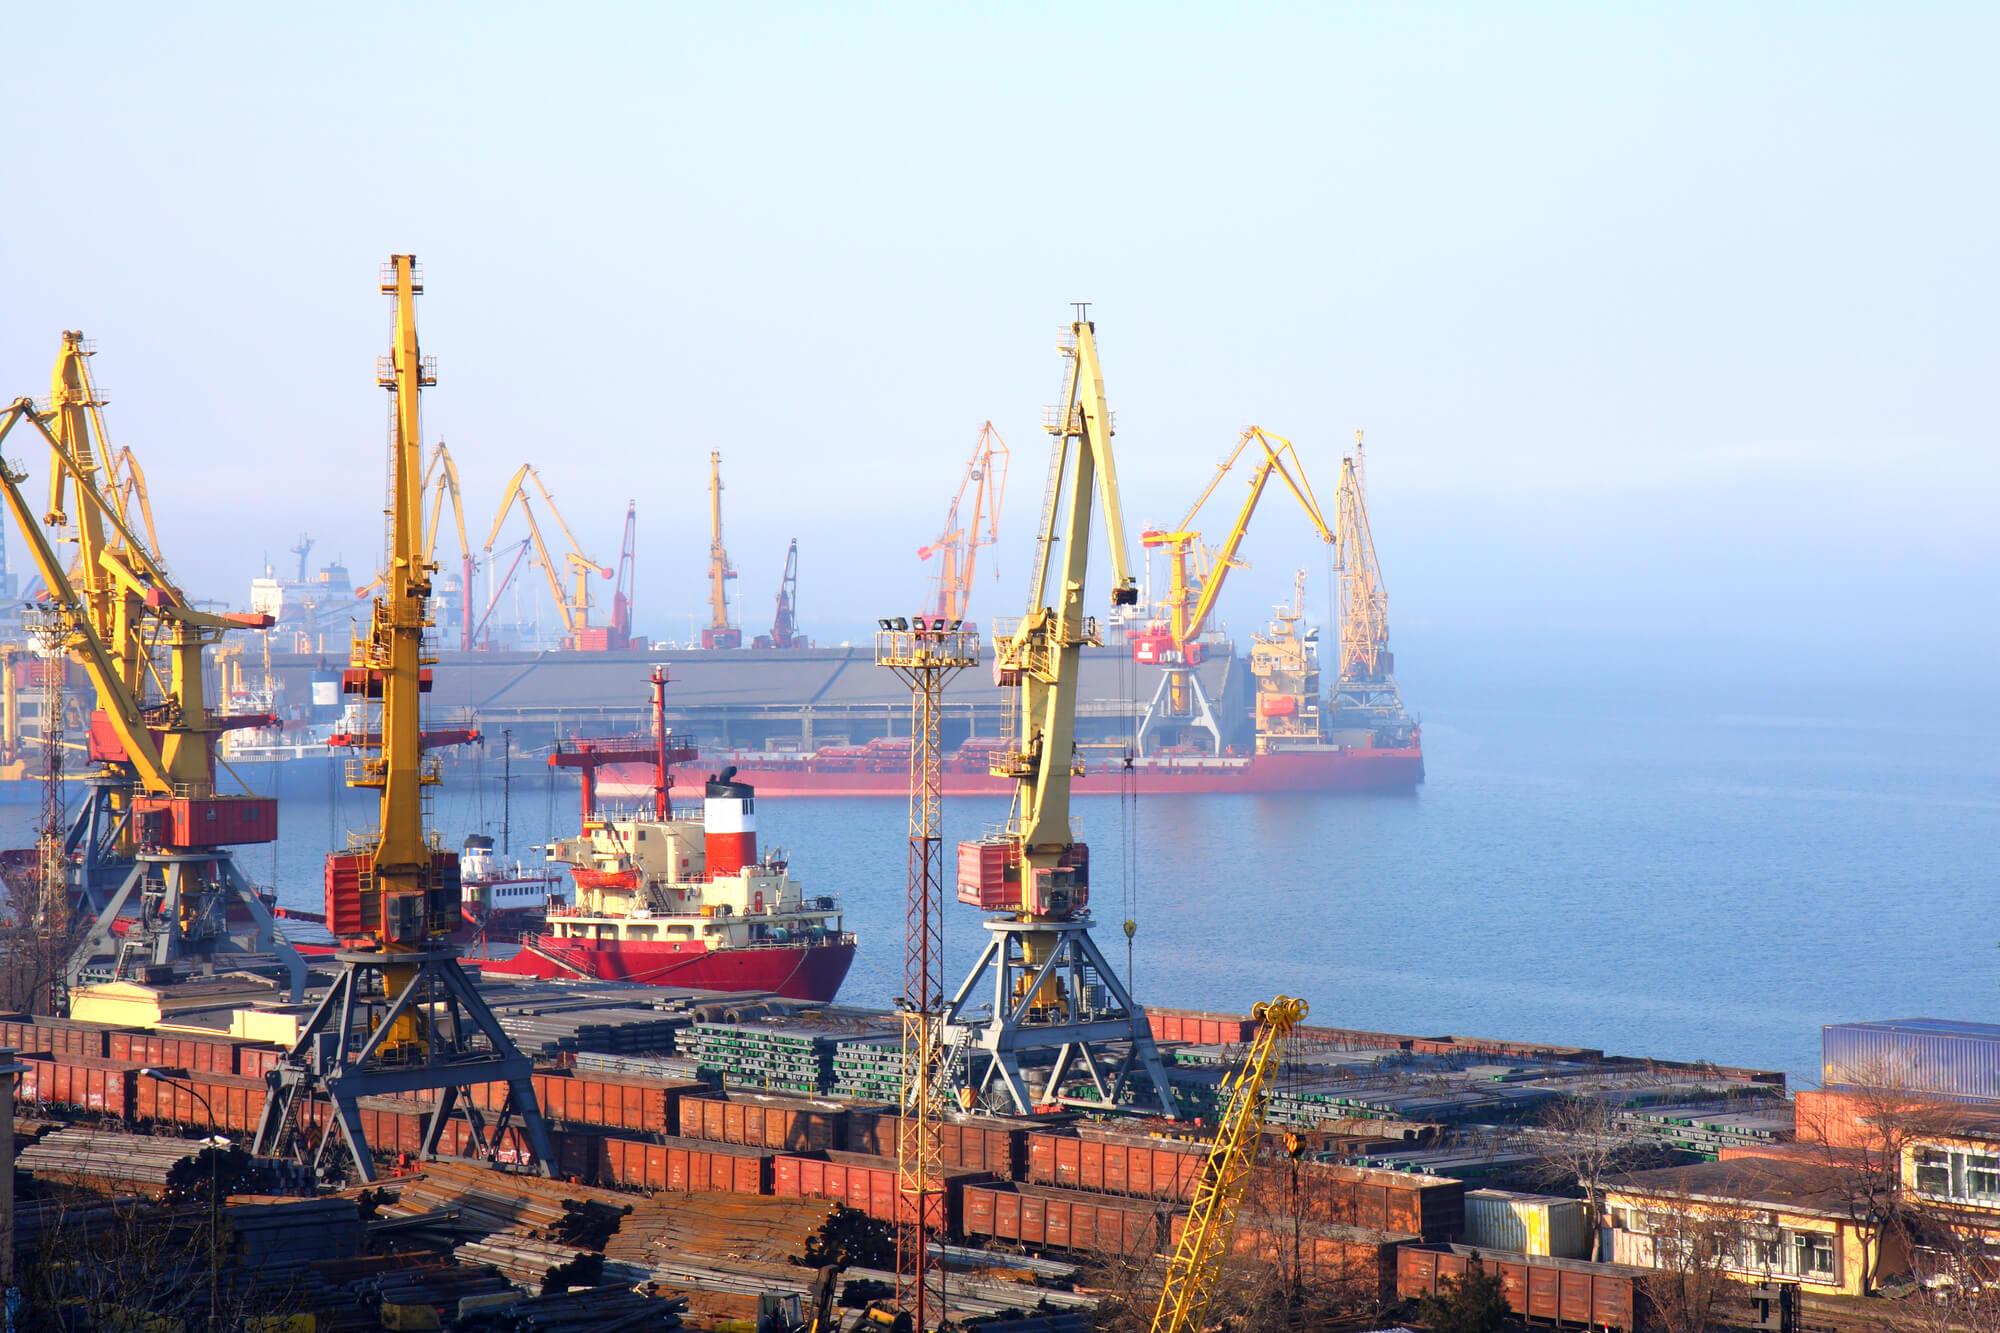 Державно-приватне партнерство в Україні: чи буде інакше цього разу?